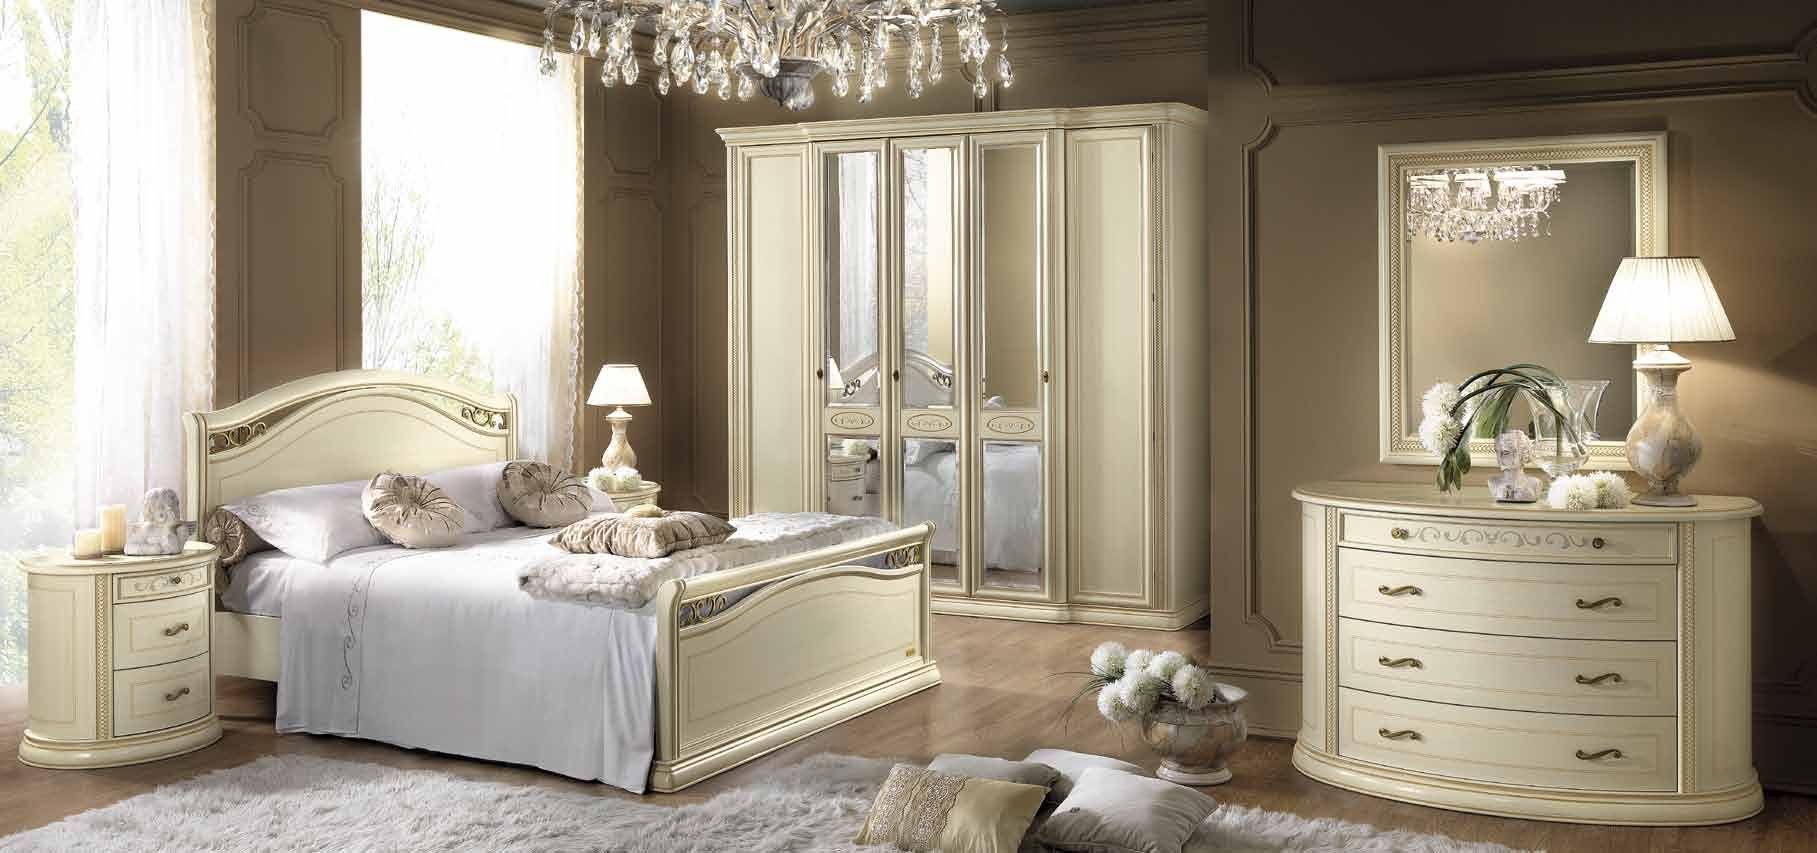 Siena Italian Bedroom Furniture In Ivory Italian Bedroom Furniture Pinterest Italian